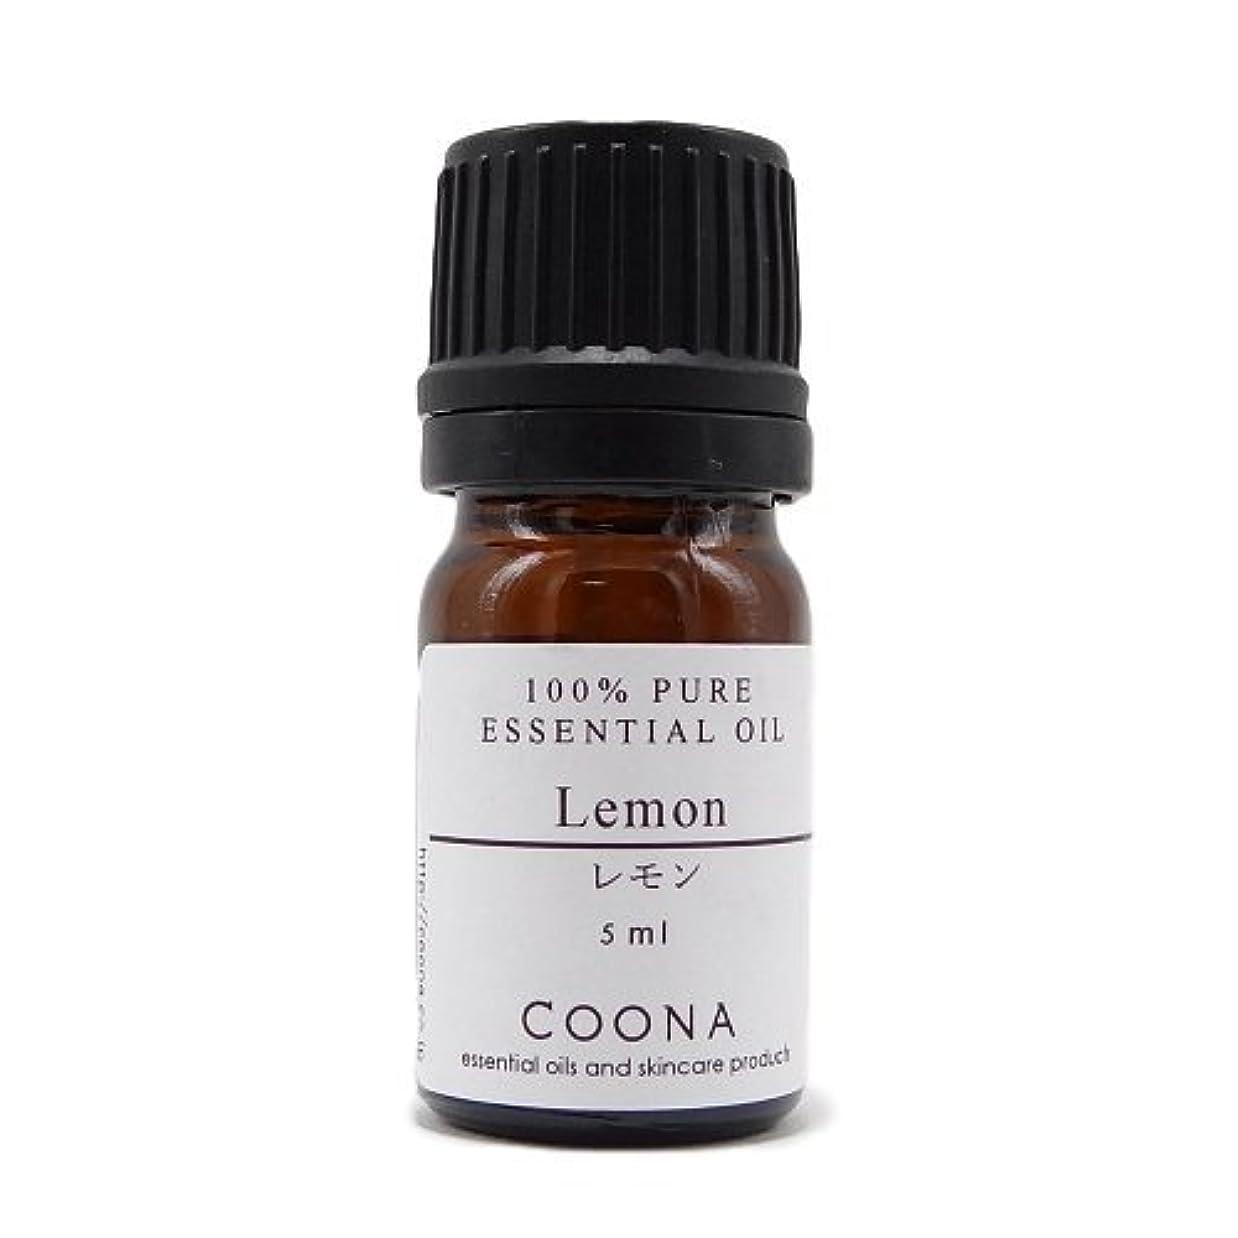 マーティンルーサーキングジュニア協力的第三レモン 5 ml (COONA エッセンシャルオイル アロマオイル 100%天然植物精油)